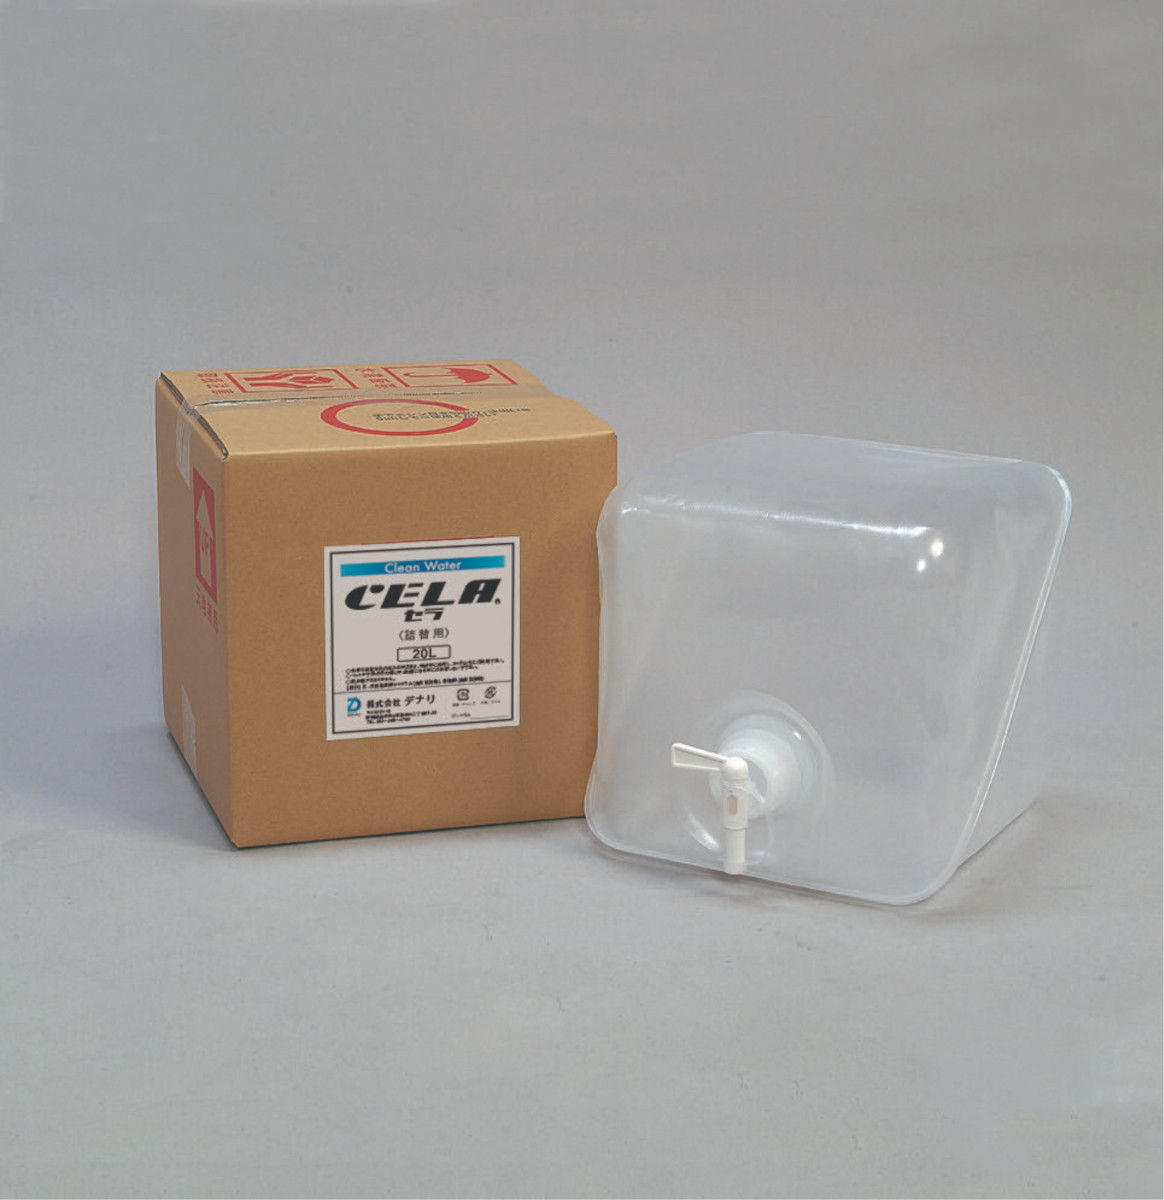 【送料無料】次亜塩素酸水CELA(セラ)水キュービーテナー20リットル